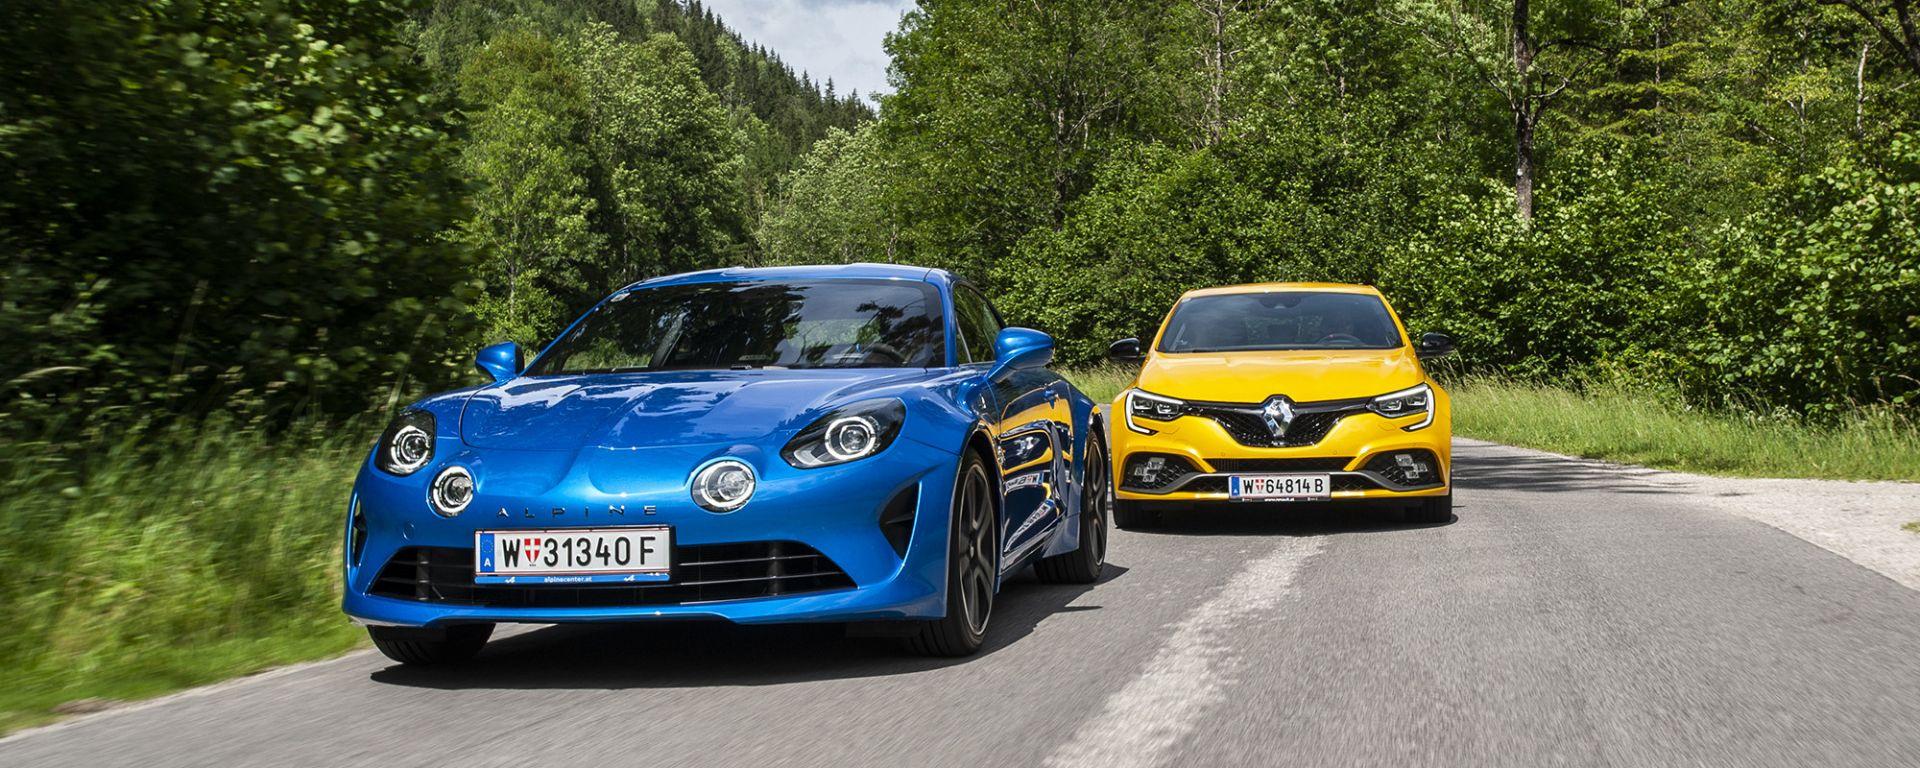 Modelli sportivi Renault: da R.S. ad Alpine: la A110 contro la Mégane R.S.